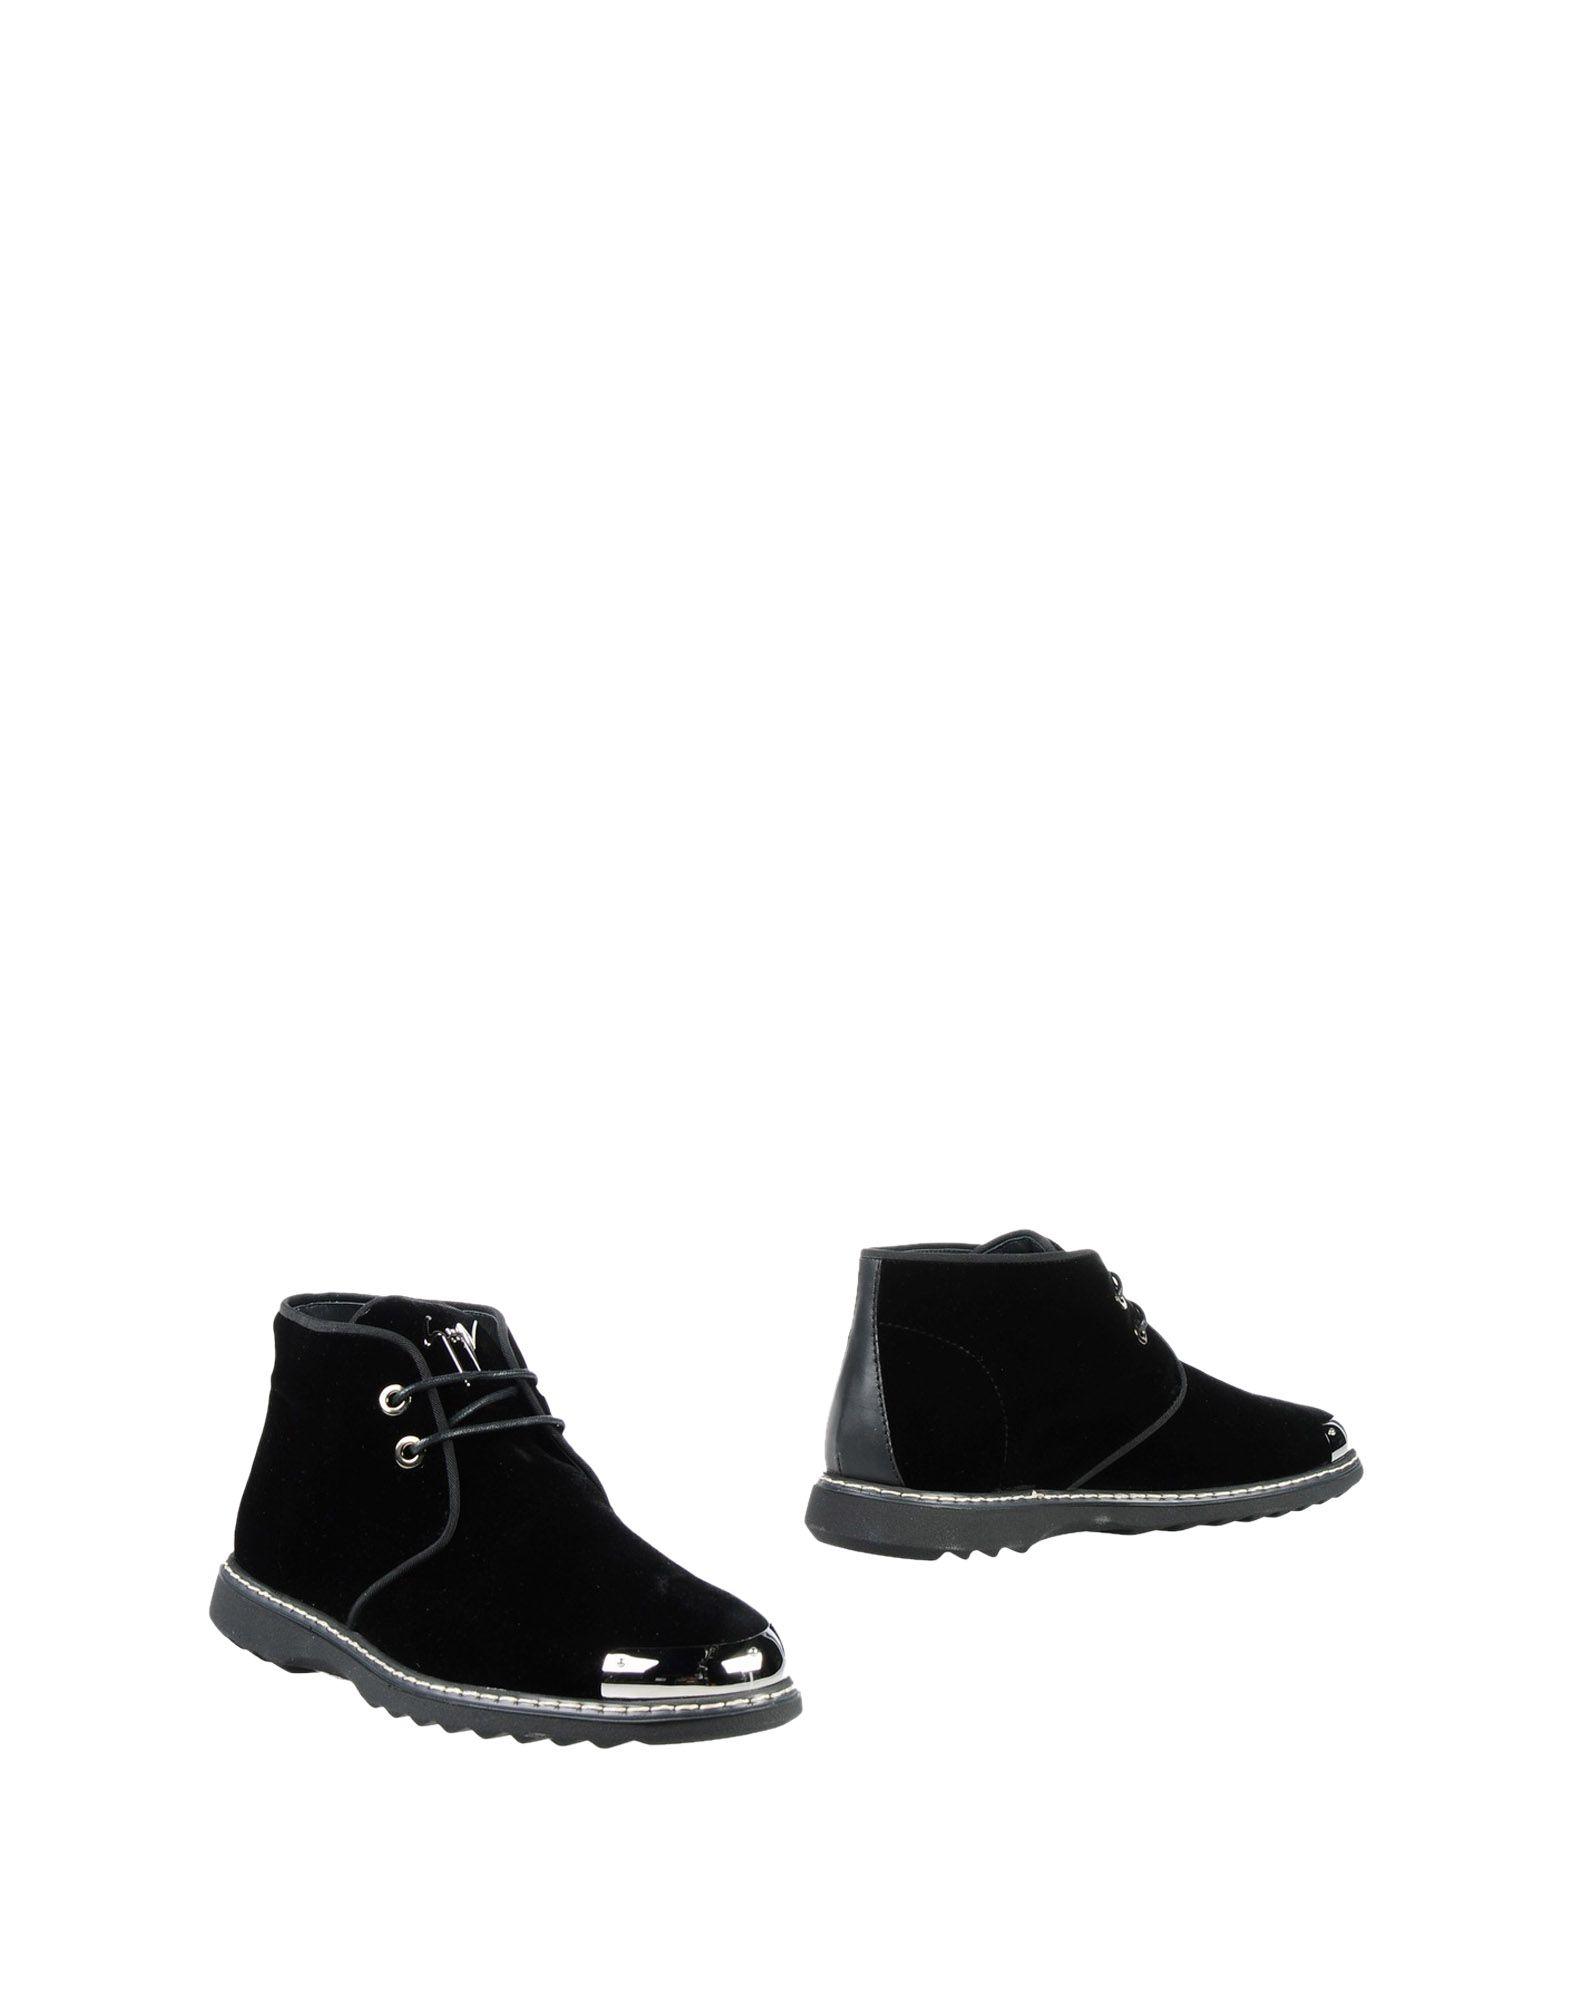 Giuseppe Zanotti Stiefelette Herren  11397272KX Gute Qualität beliebte Schuhe